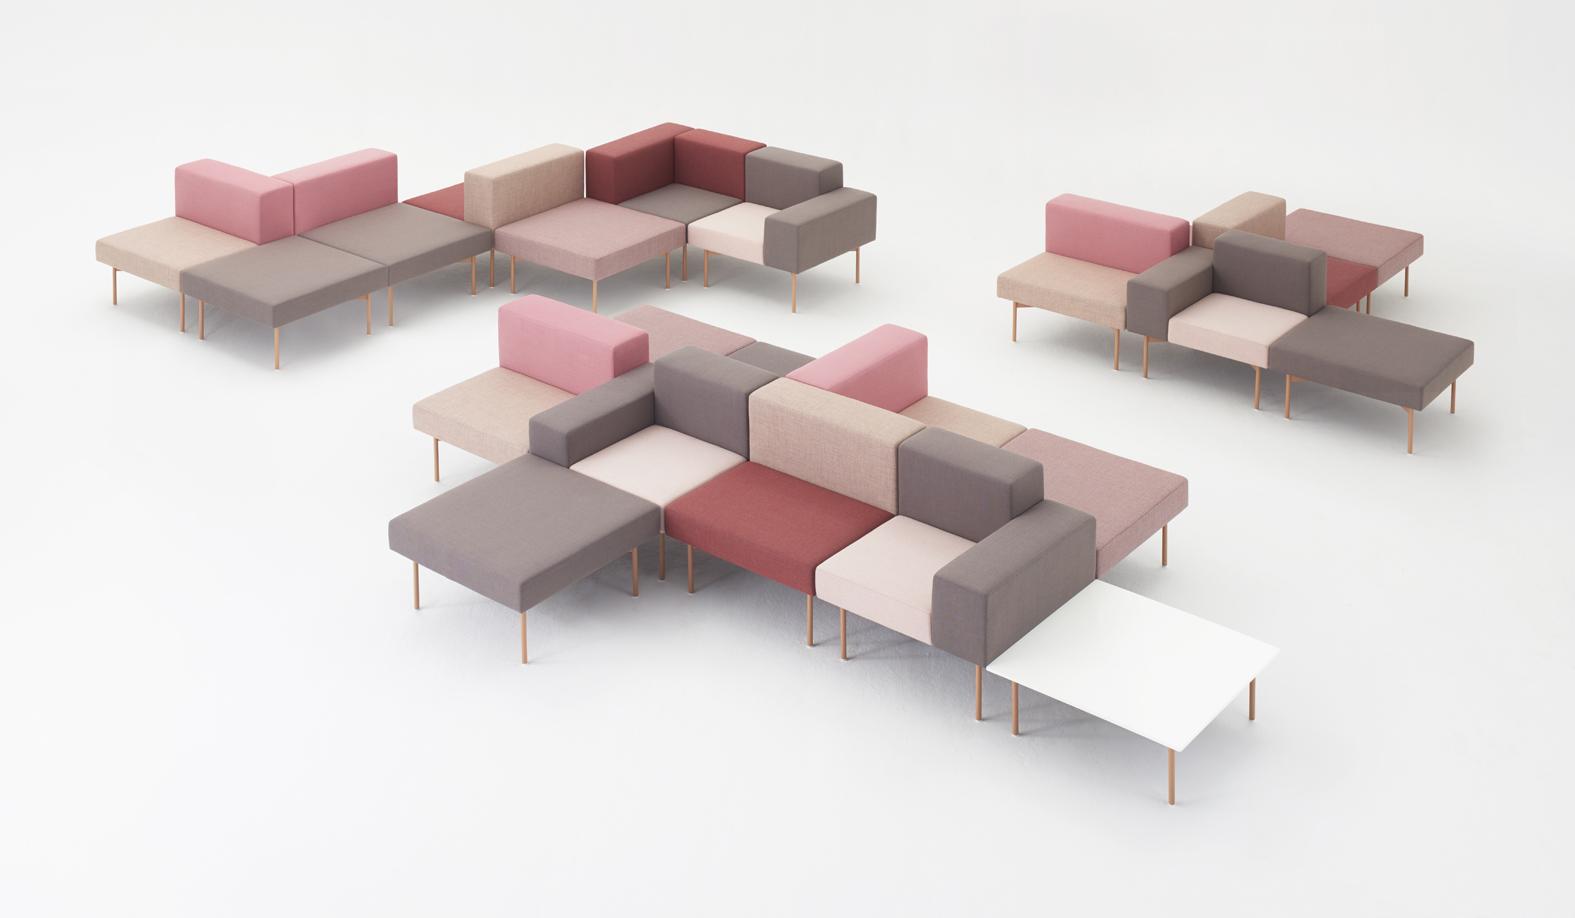 eklemeli koltuk modelleri